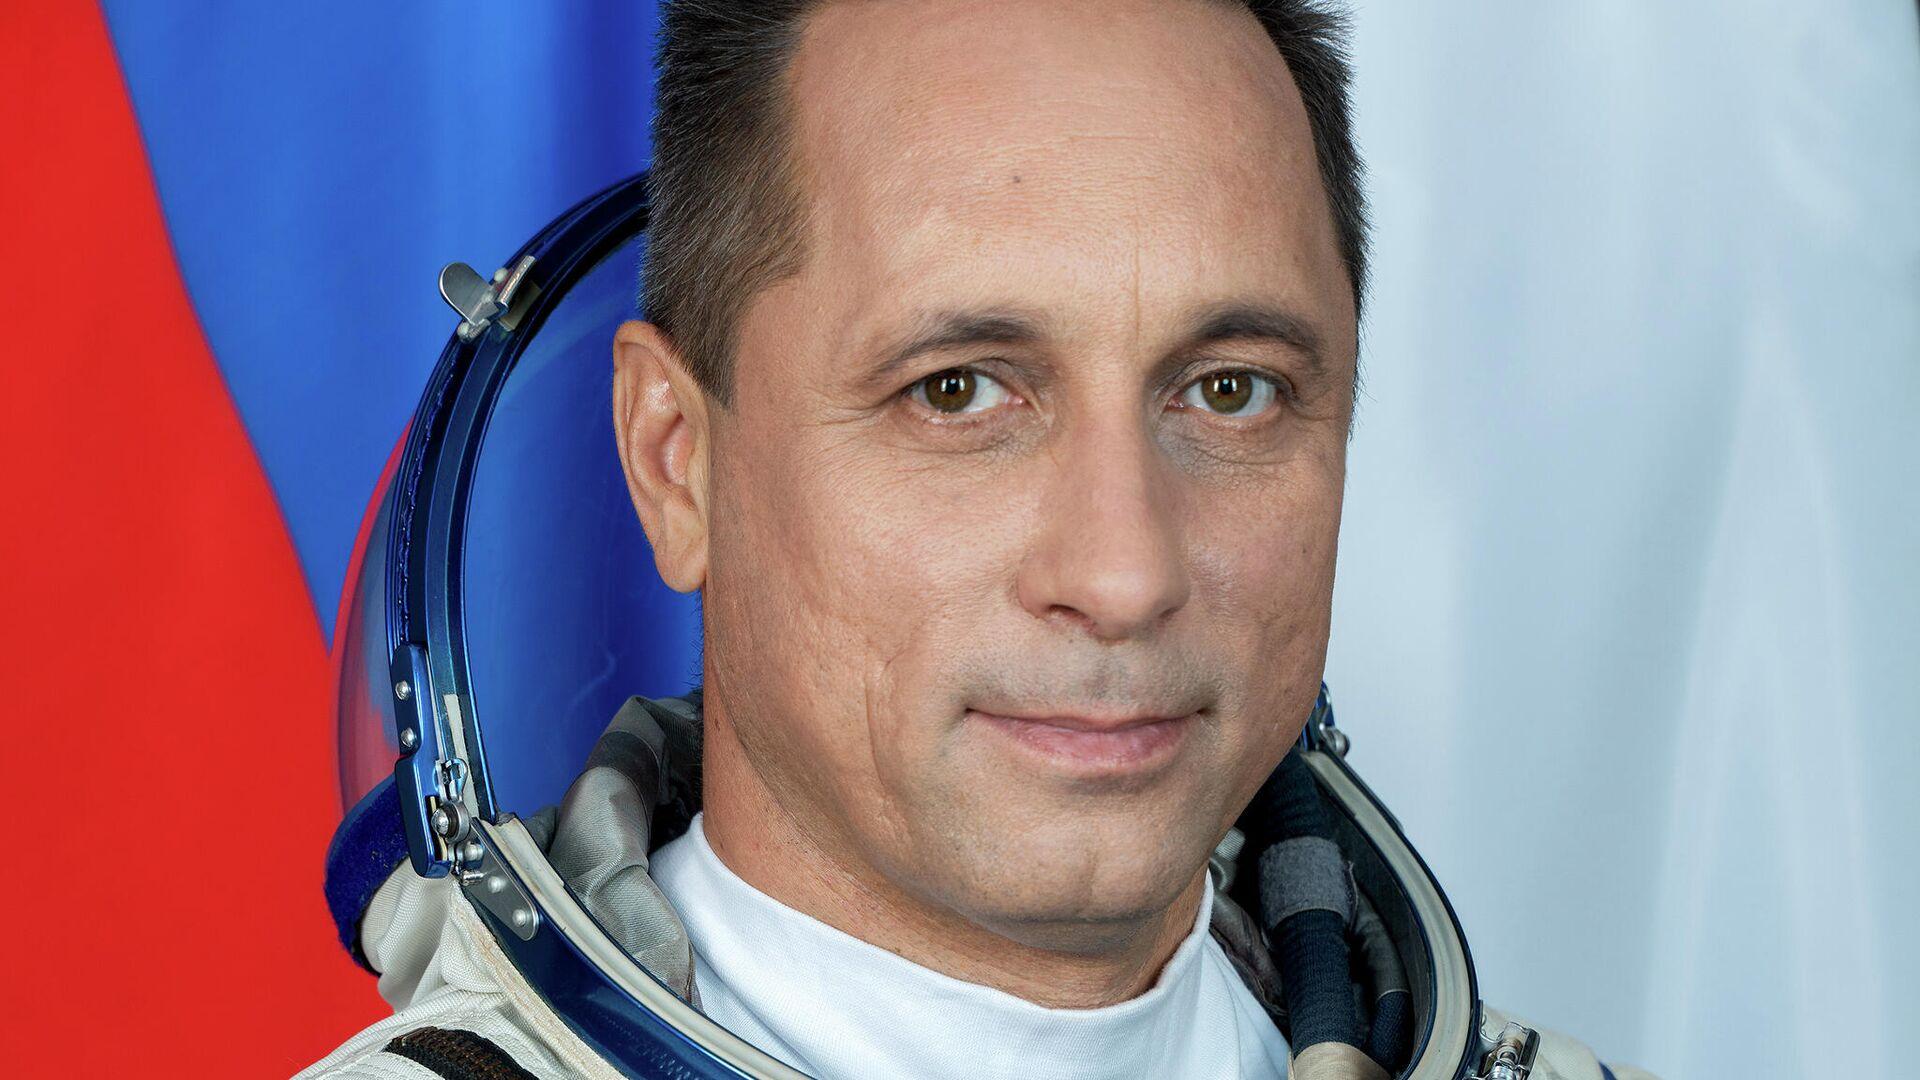 Космонавт, летящий на съемки фильма, пожаловался на сценарий